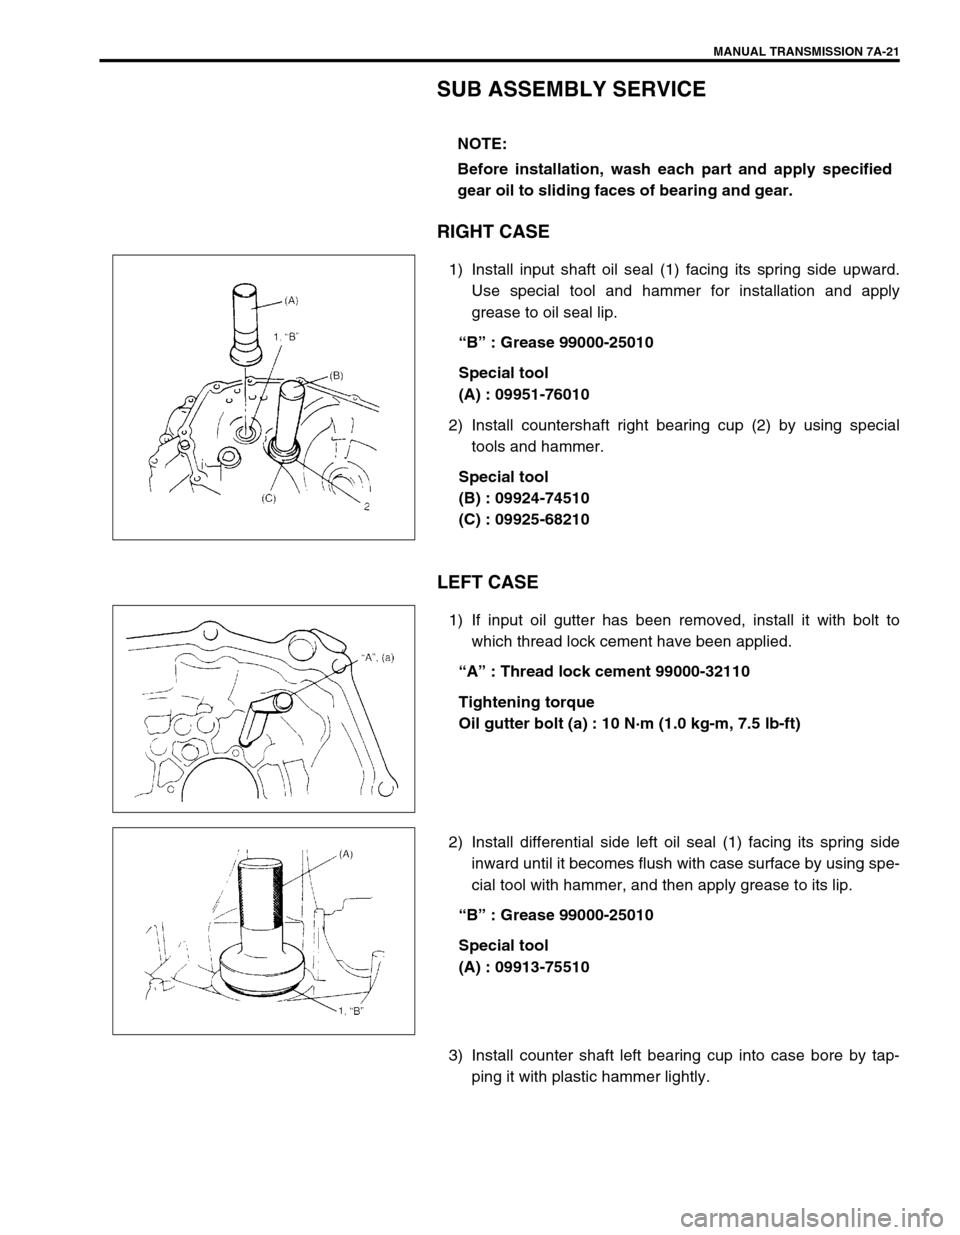 Suzuki Swift Transmission Diagram Schematics 2000 1 G Service Workshop Manual Mazda Mx3